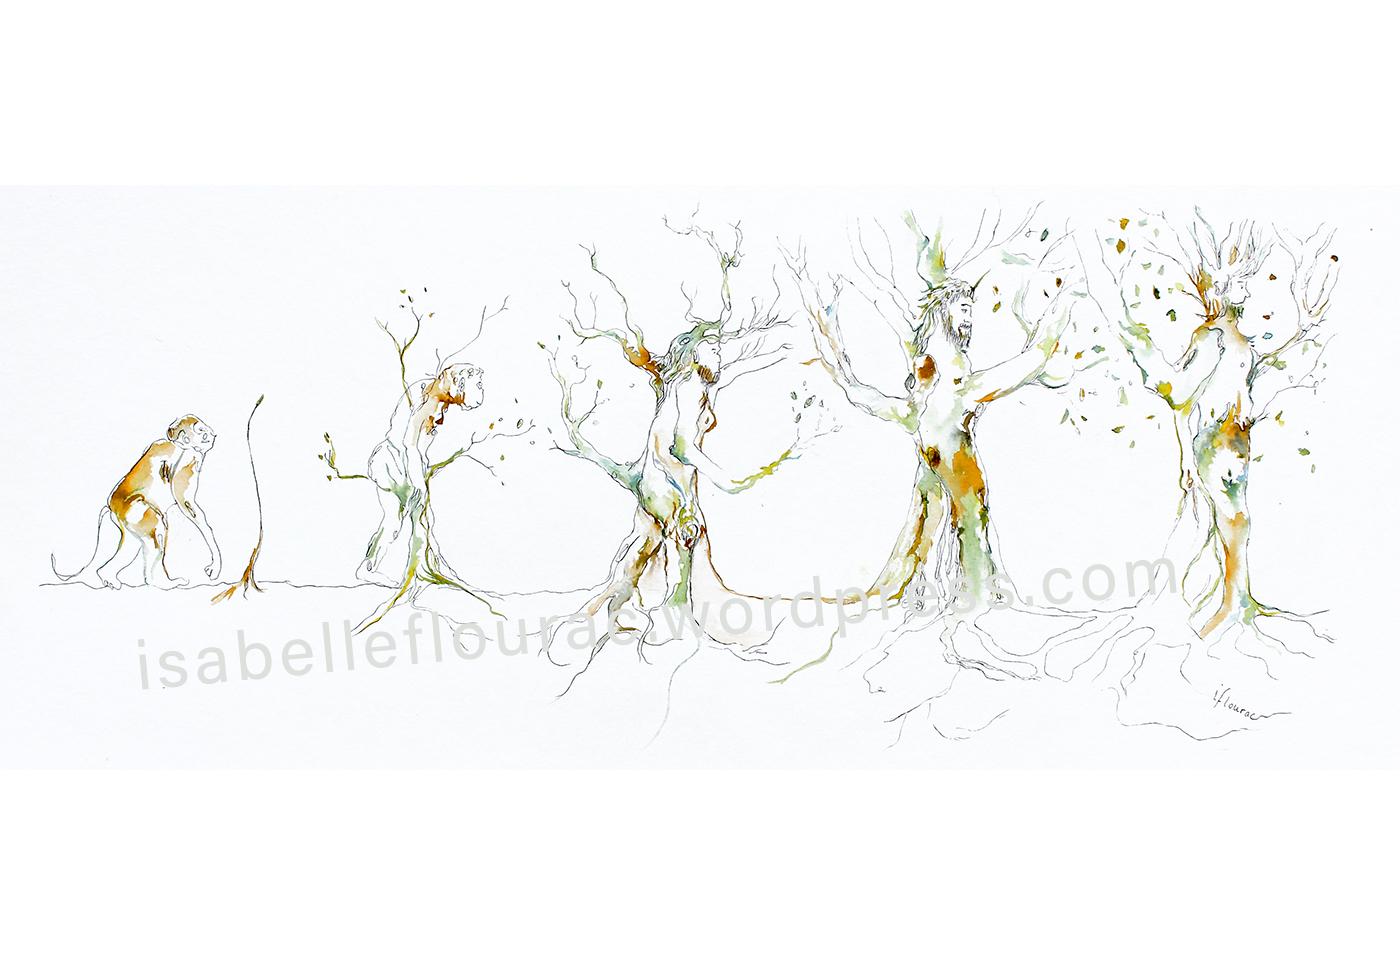 Evolution, dessin à l'encre, Isabelle Flourac. Un singe devient homme tout en devenant arbre.